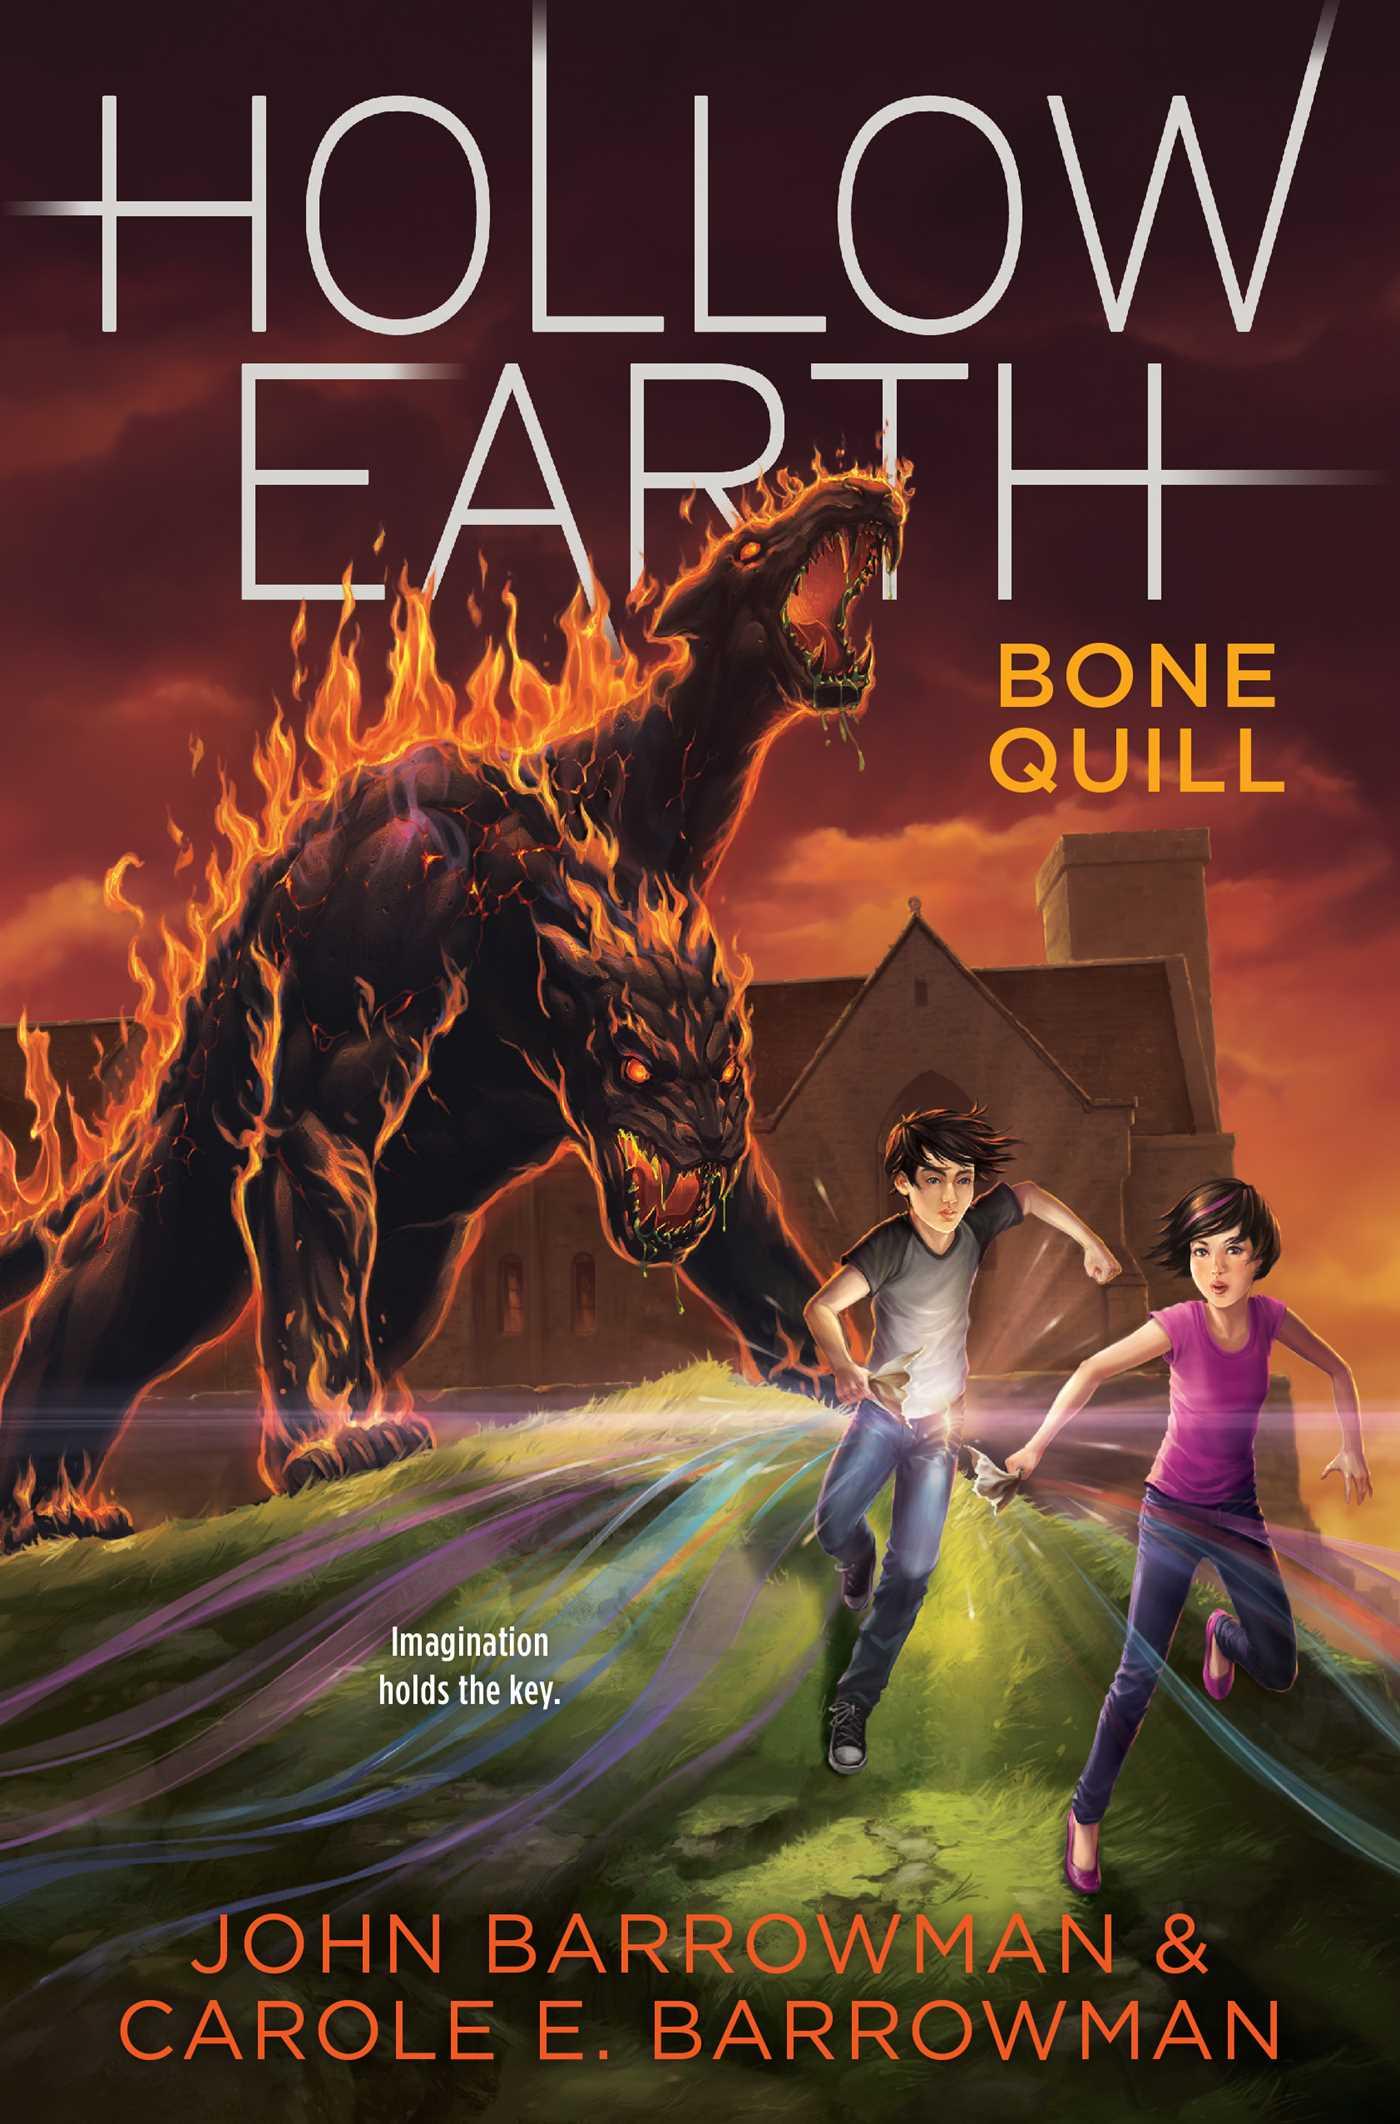 Bone quill 9781442489301 hr